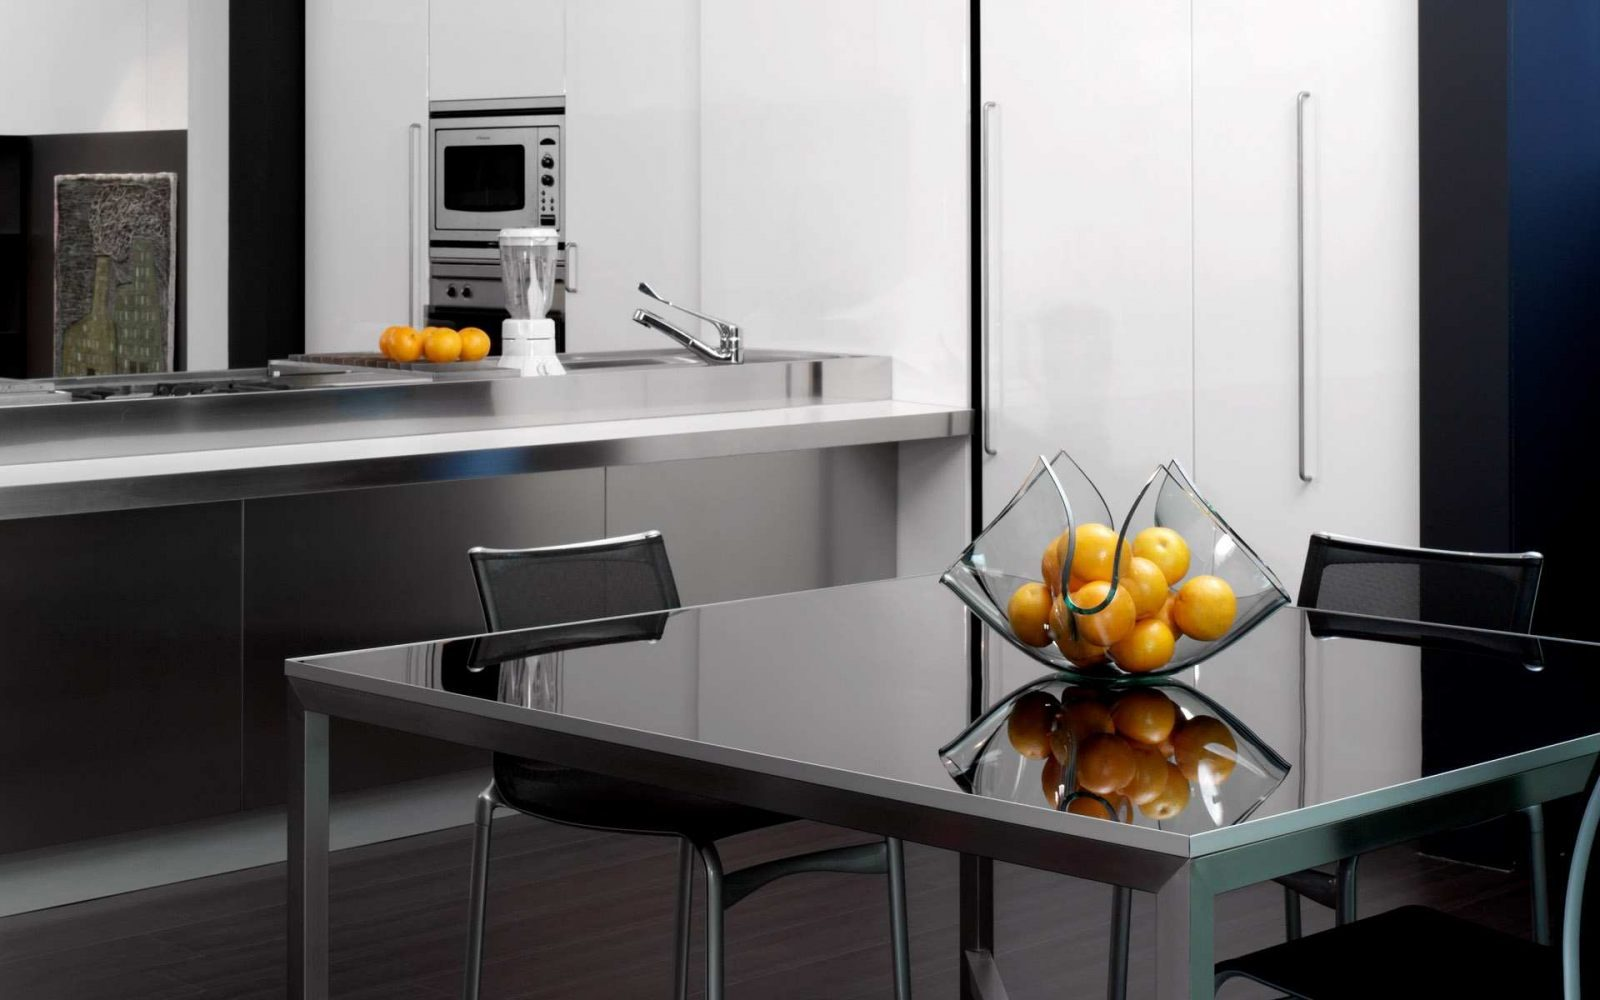 Mesa de cocina de cristal im genes y fotos - Cristal de mesa ...